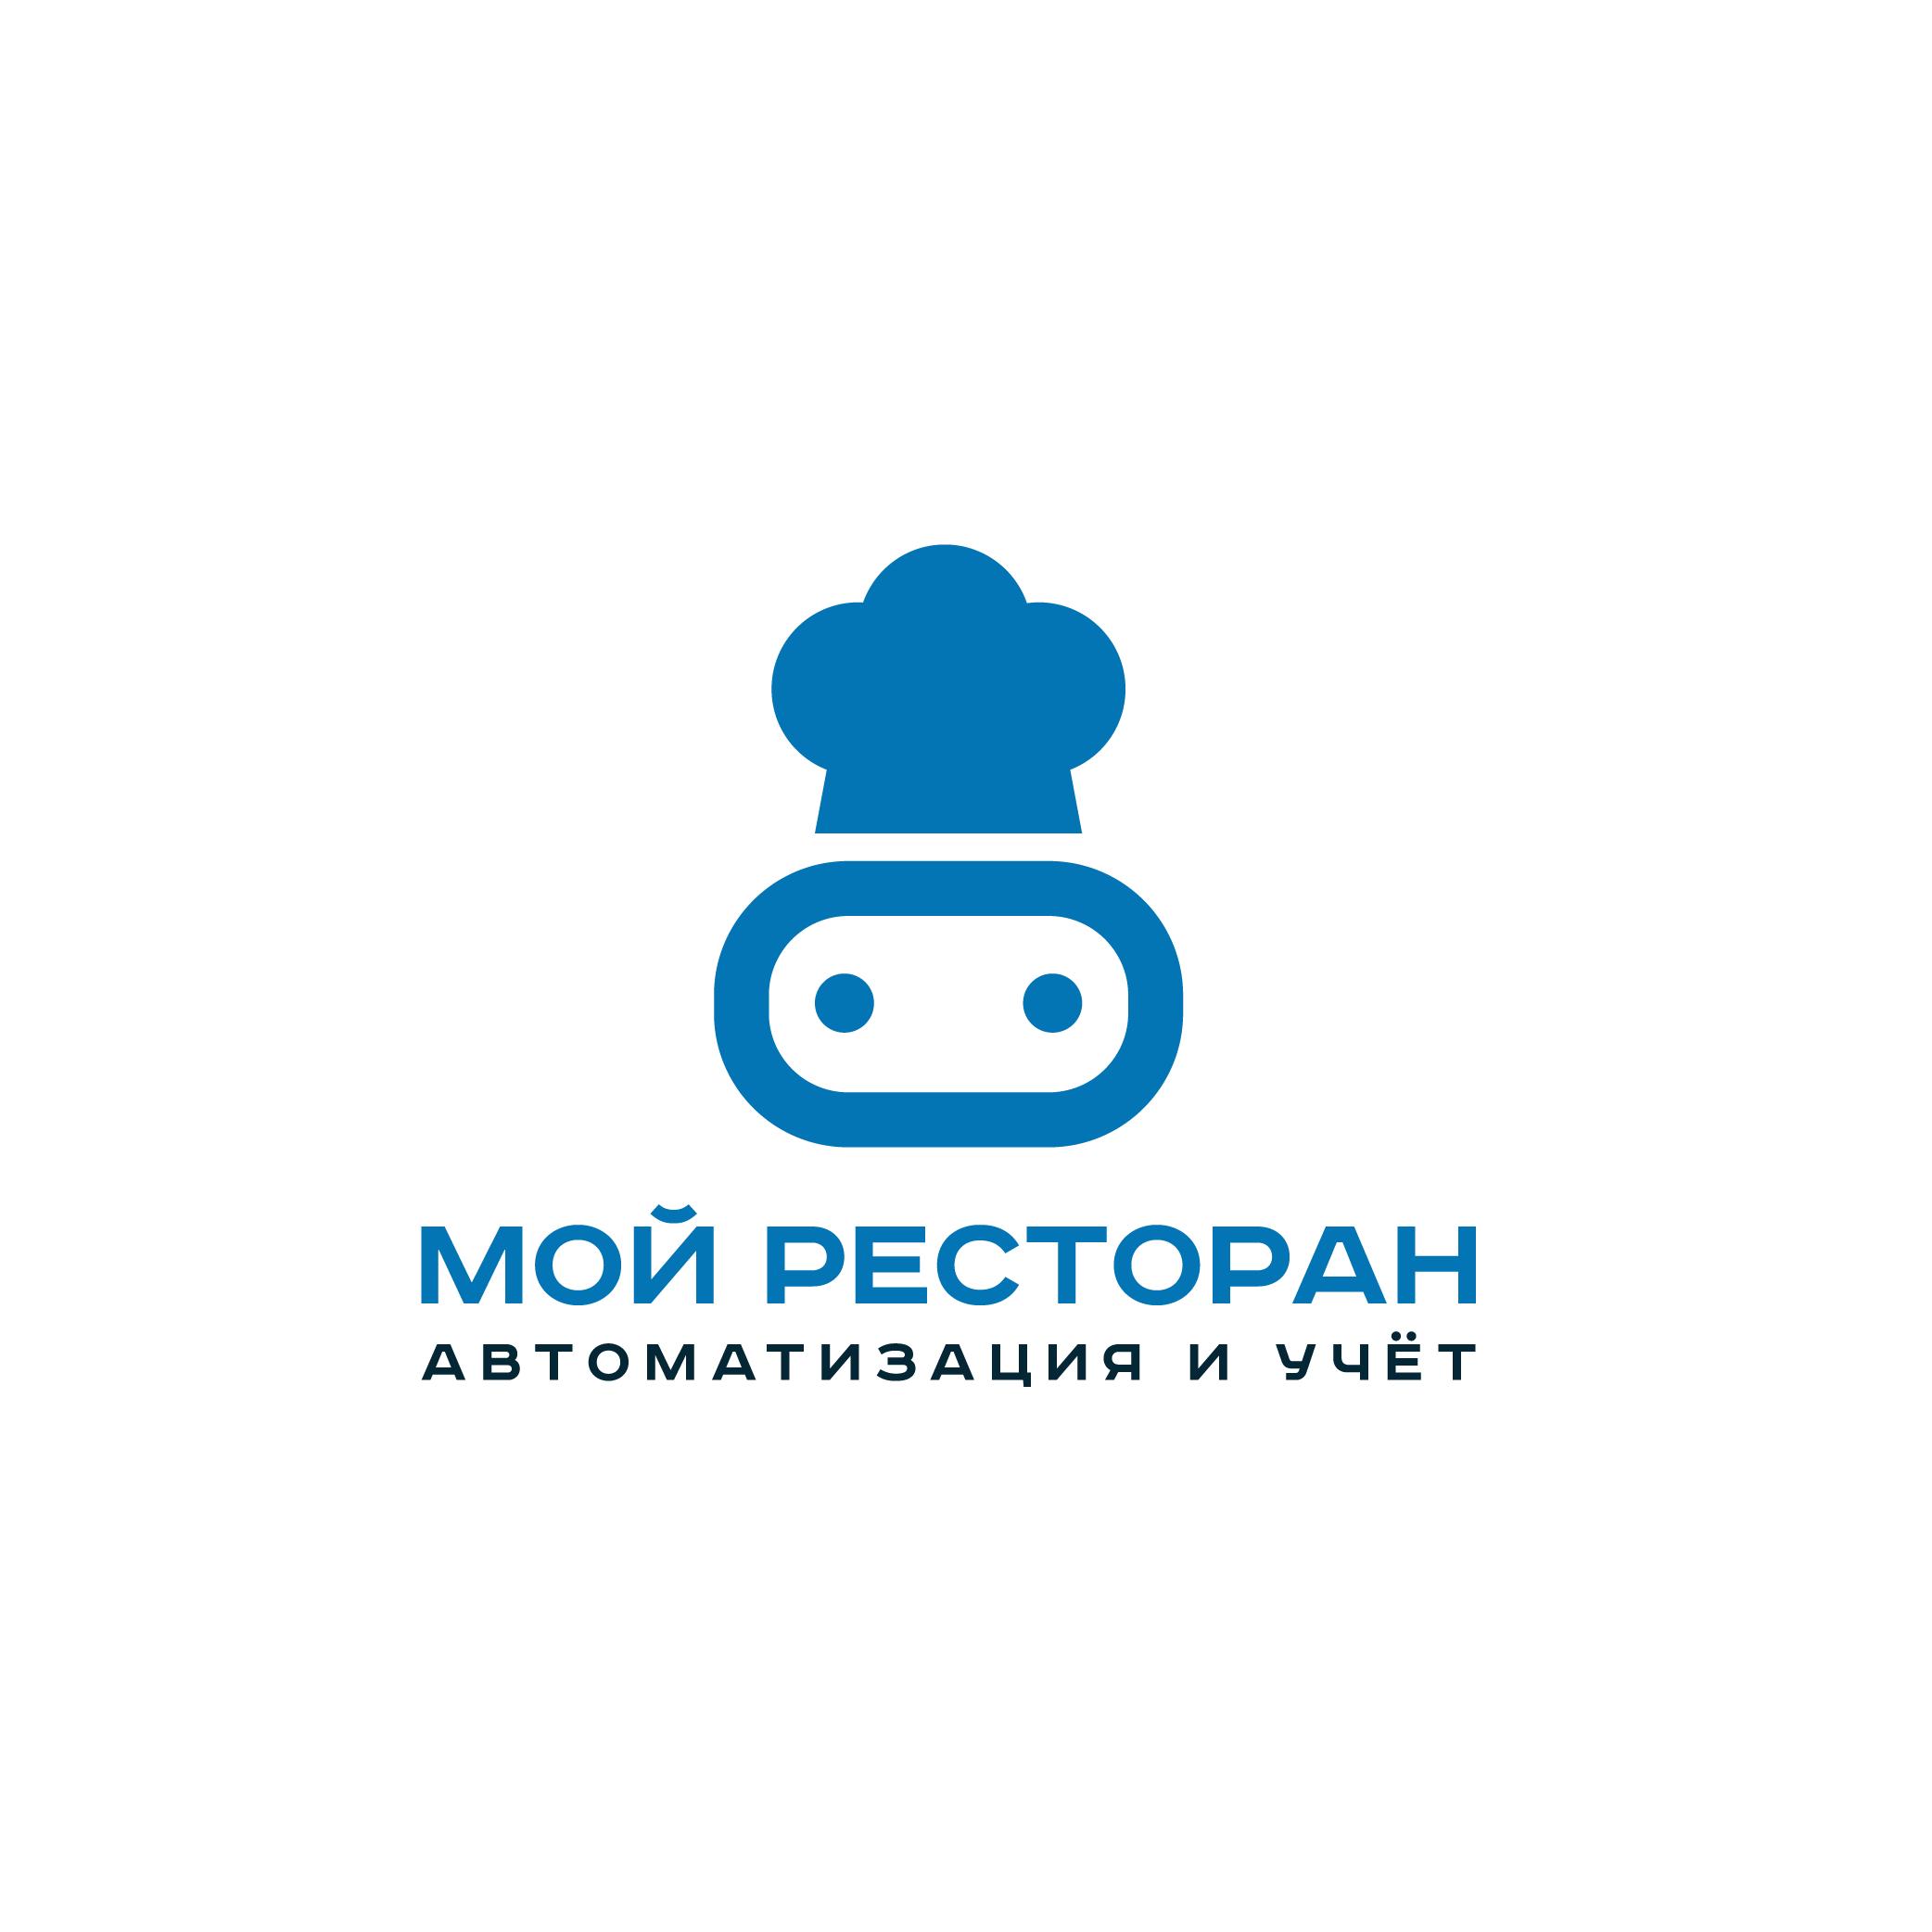 Разработать логотип и фавикон для IT- компании фото f_1545d54599ae11cd.png